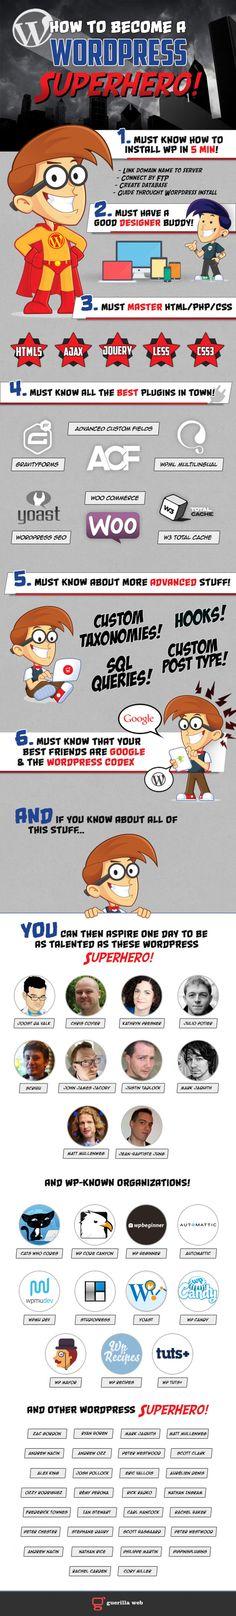 How to Become a #Wordpress Superhero!